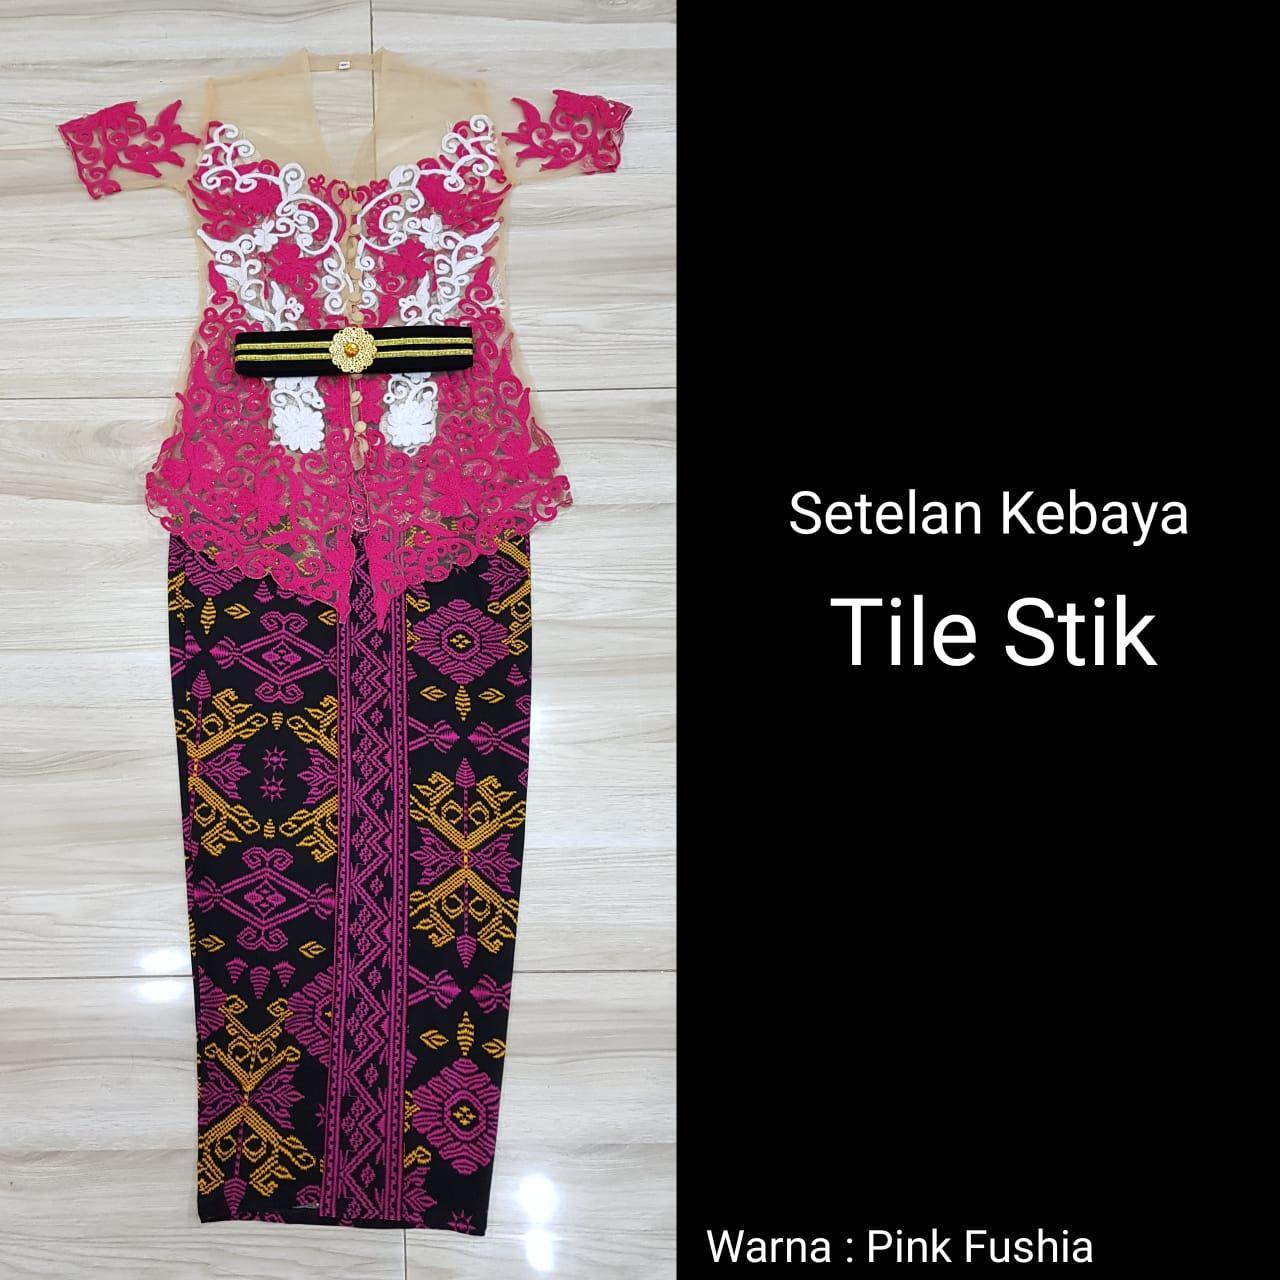 SIXMO - Setelan Kebaya Tile Stik Bordir dan Rok Lycra Panjang Kebaya Bali Modern